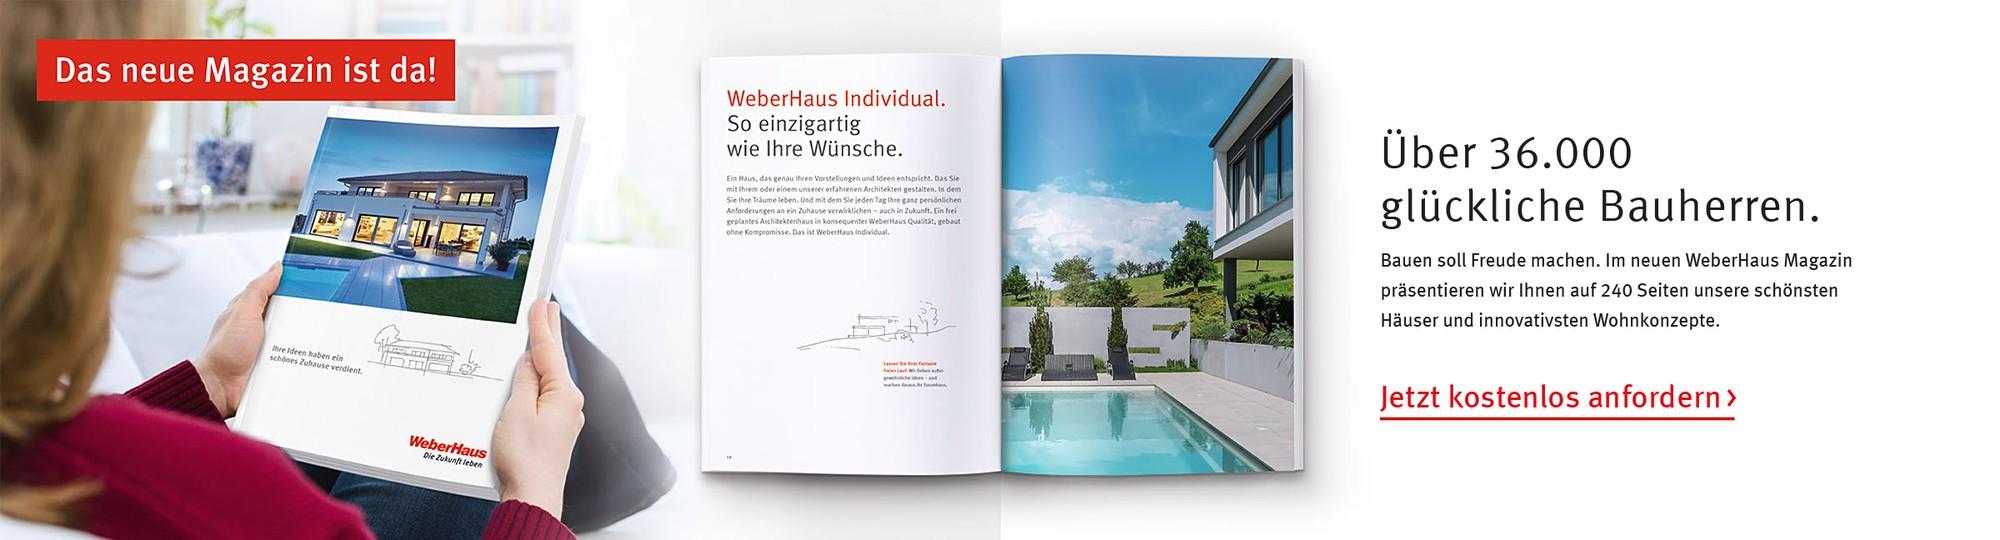 Fertighaus bauen: WeberHaus - Höchstnote Fertighaus-Kompass von Capital